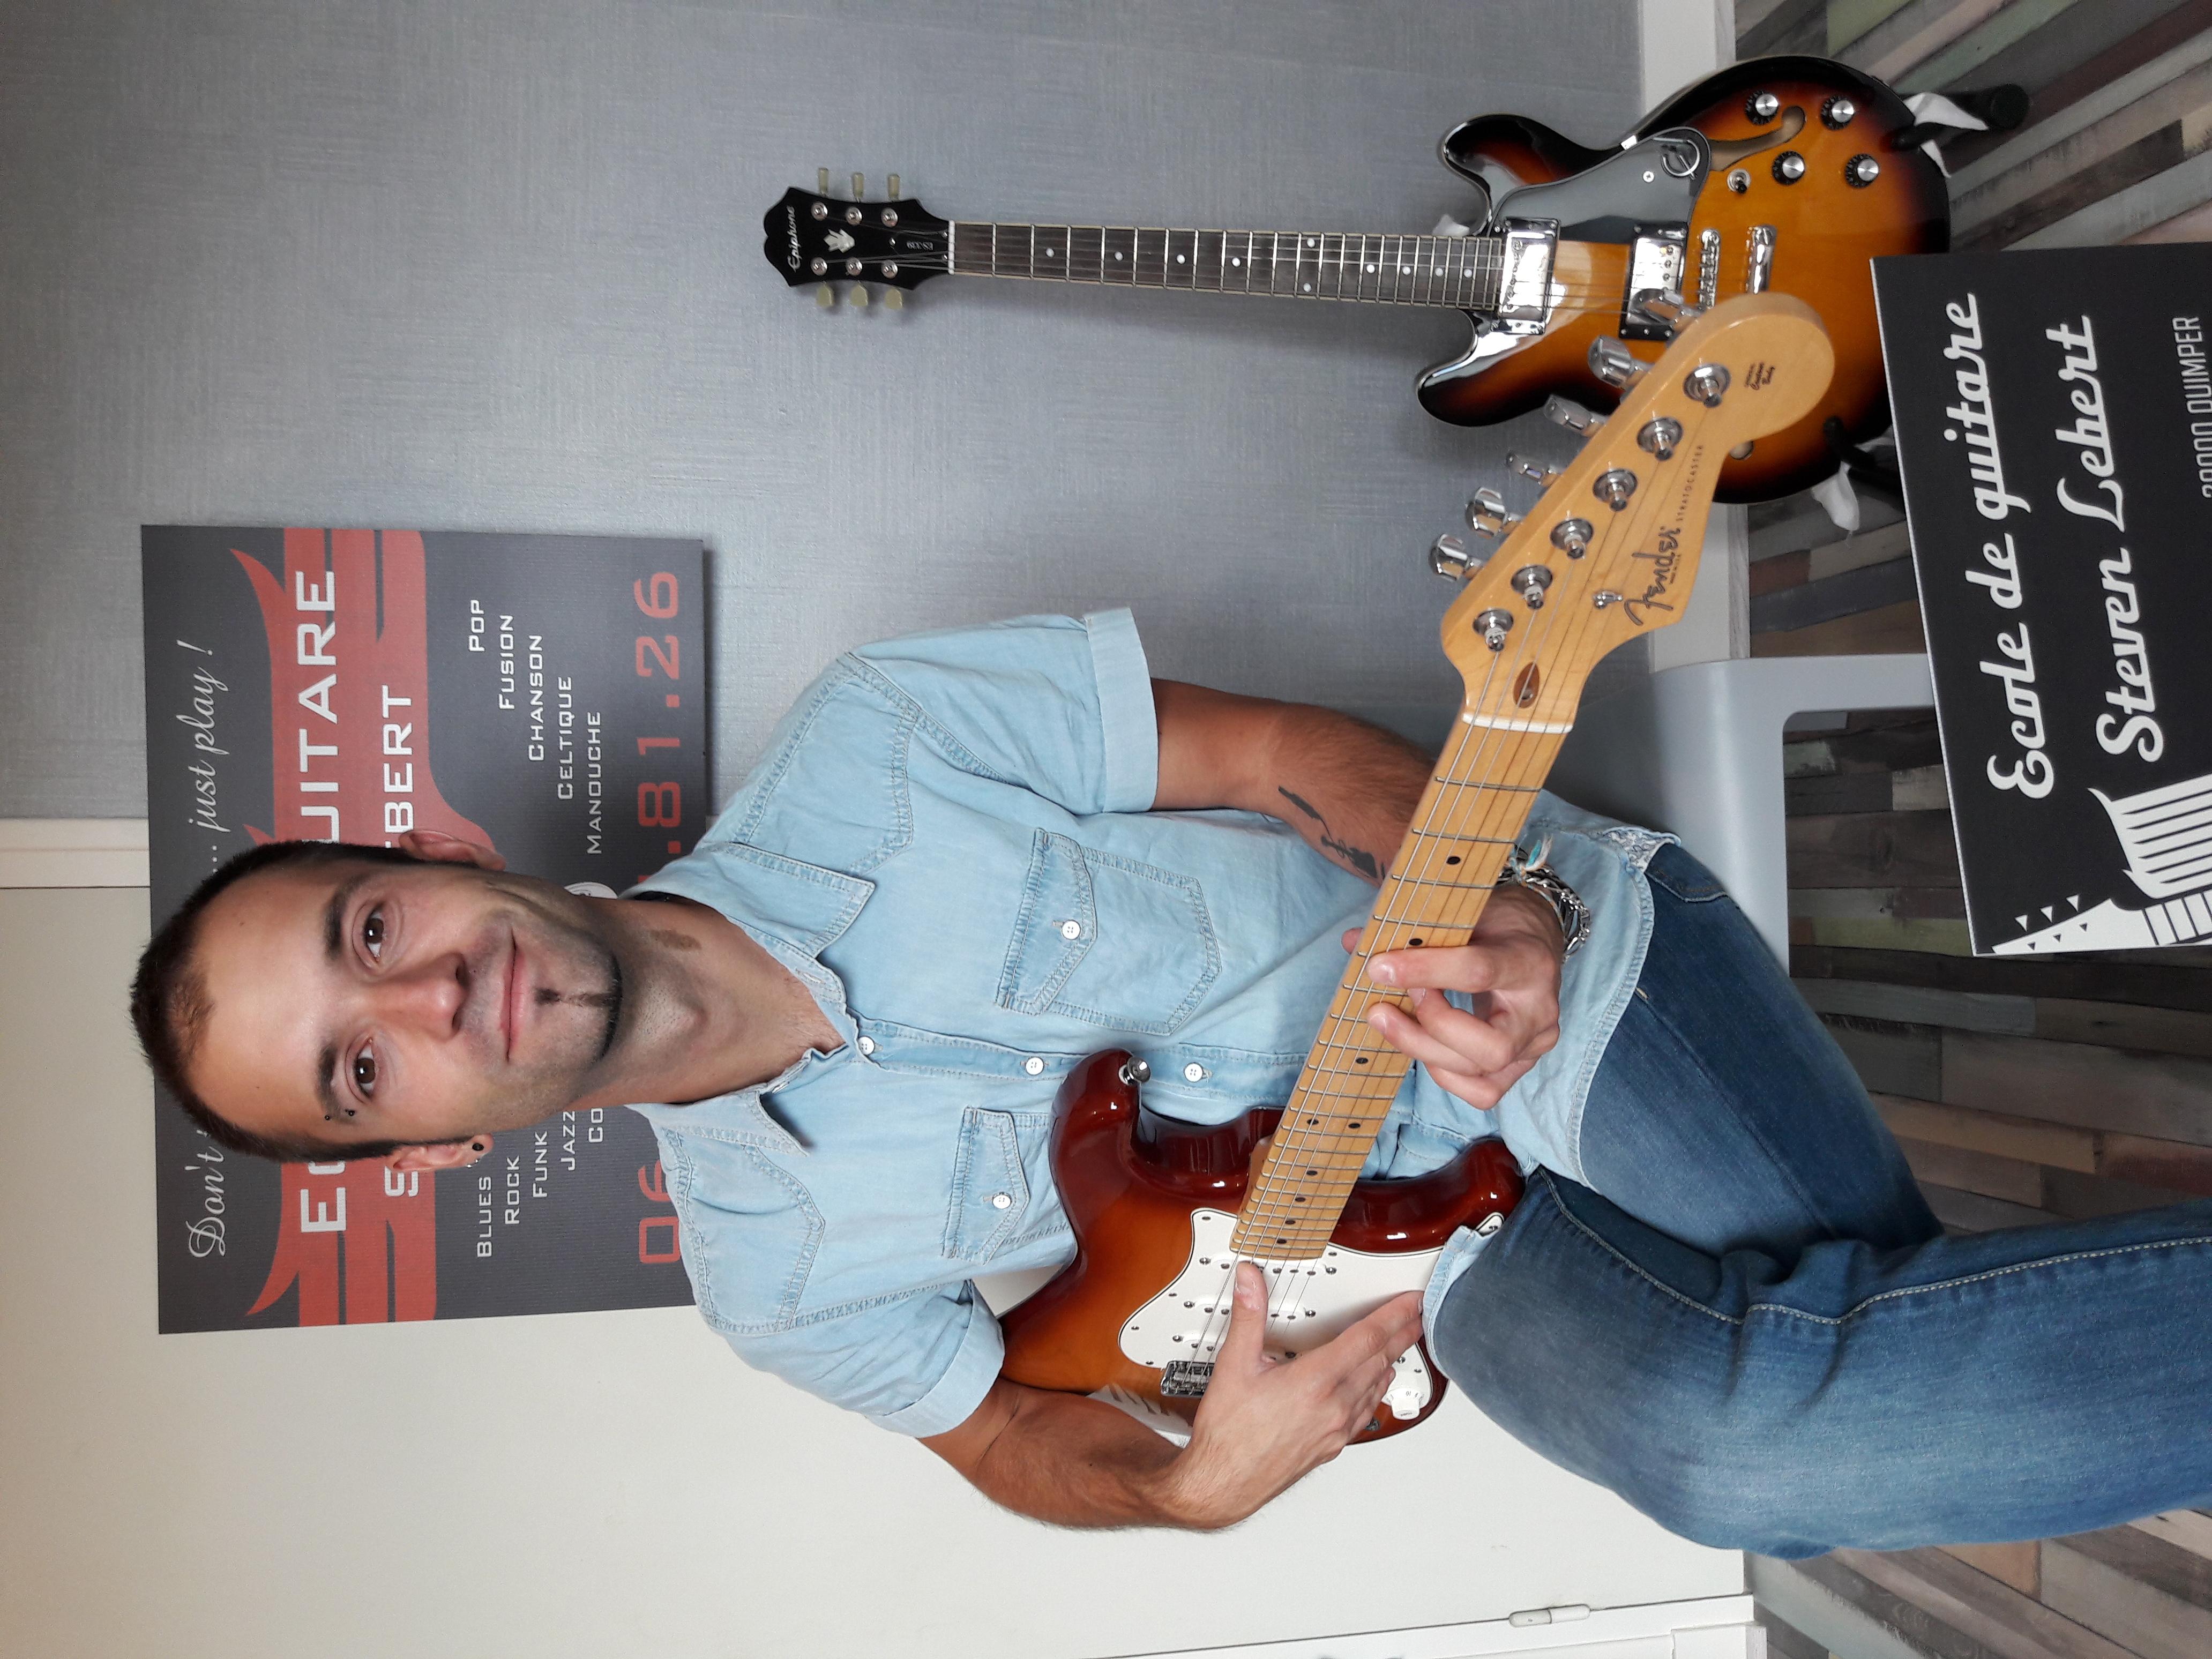 cours guitare quimper professeur